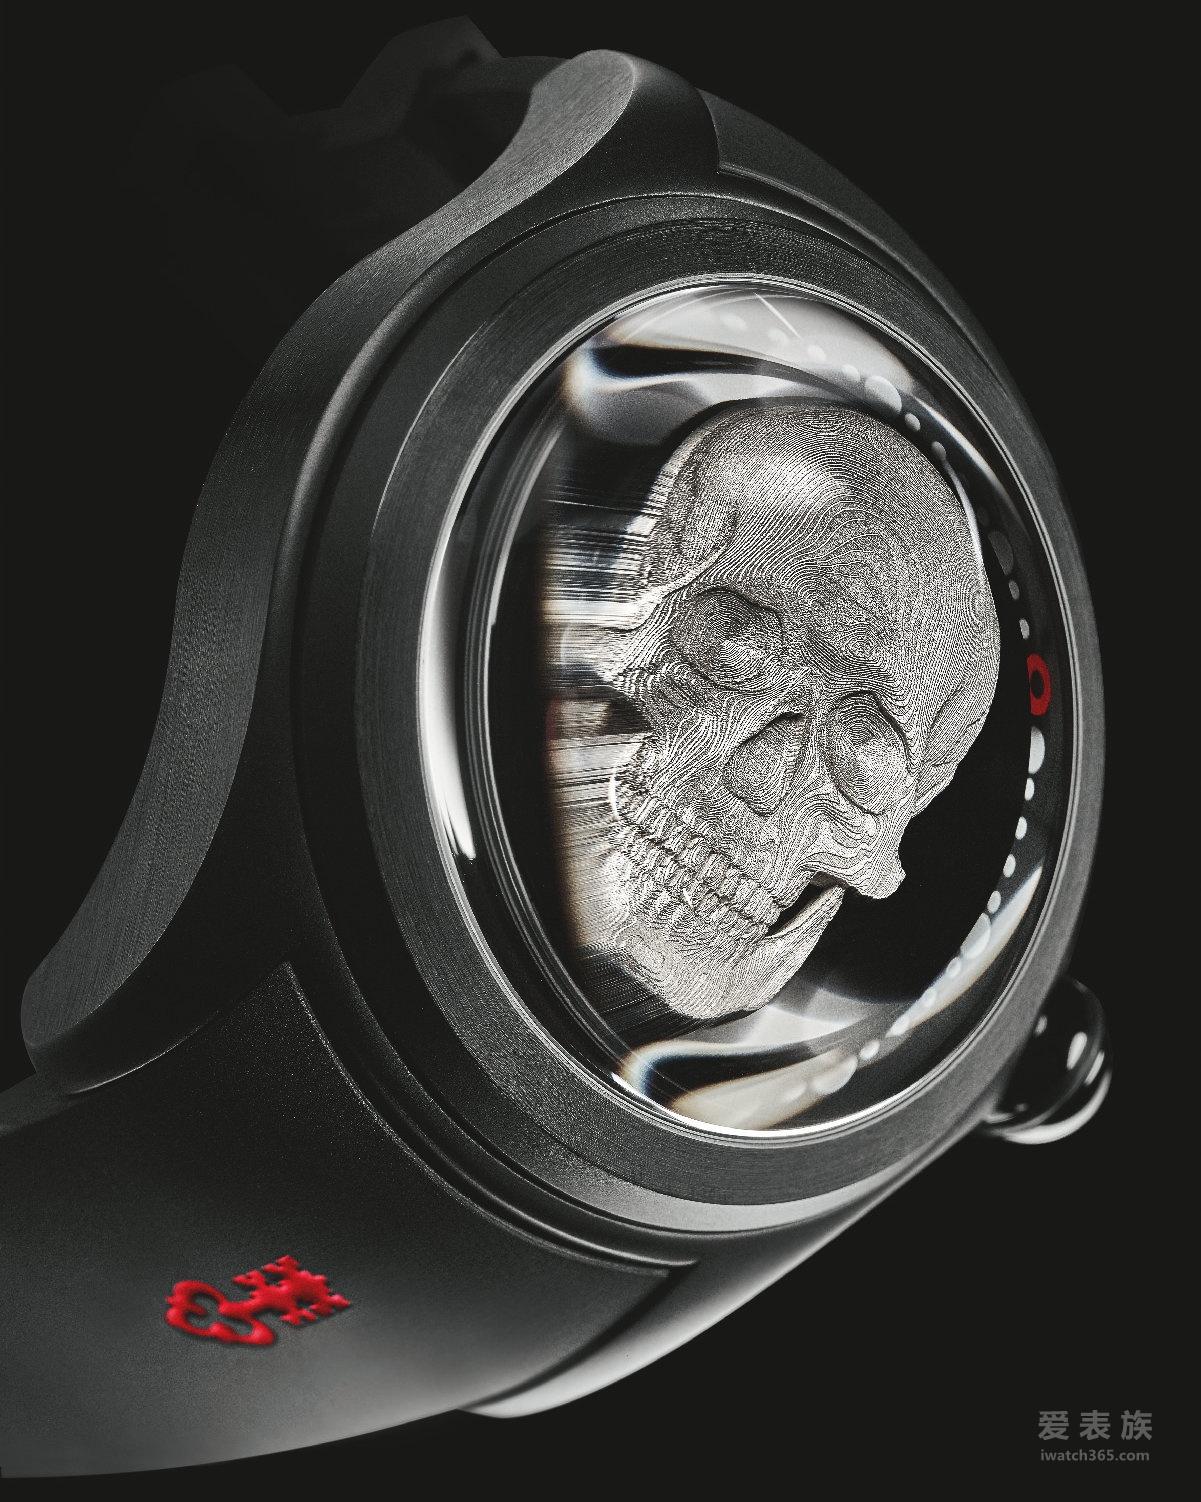 奇趣神秘 腕间震撼 CORUM昆仑表推出52 毫米大泡泡神奇3D骷髅腕表